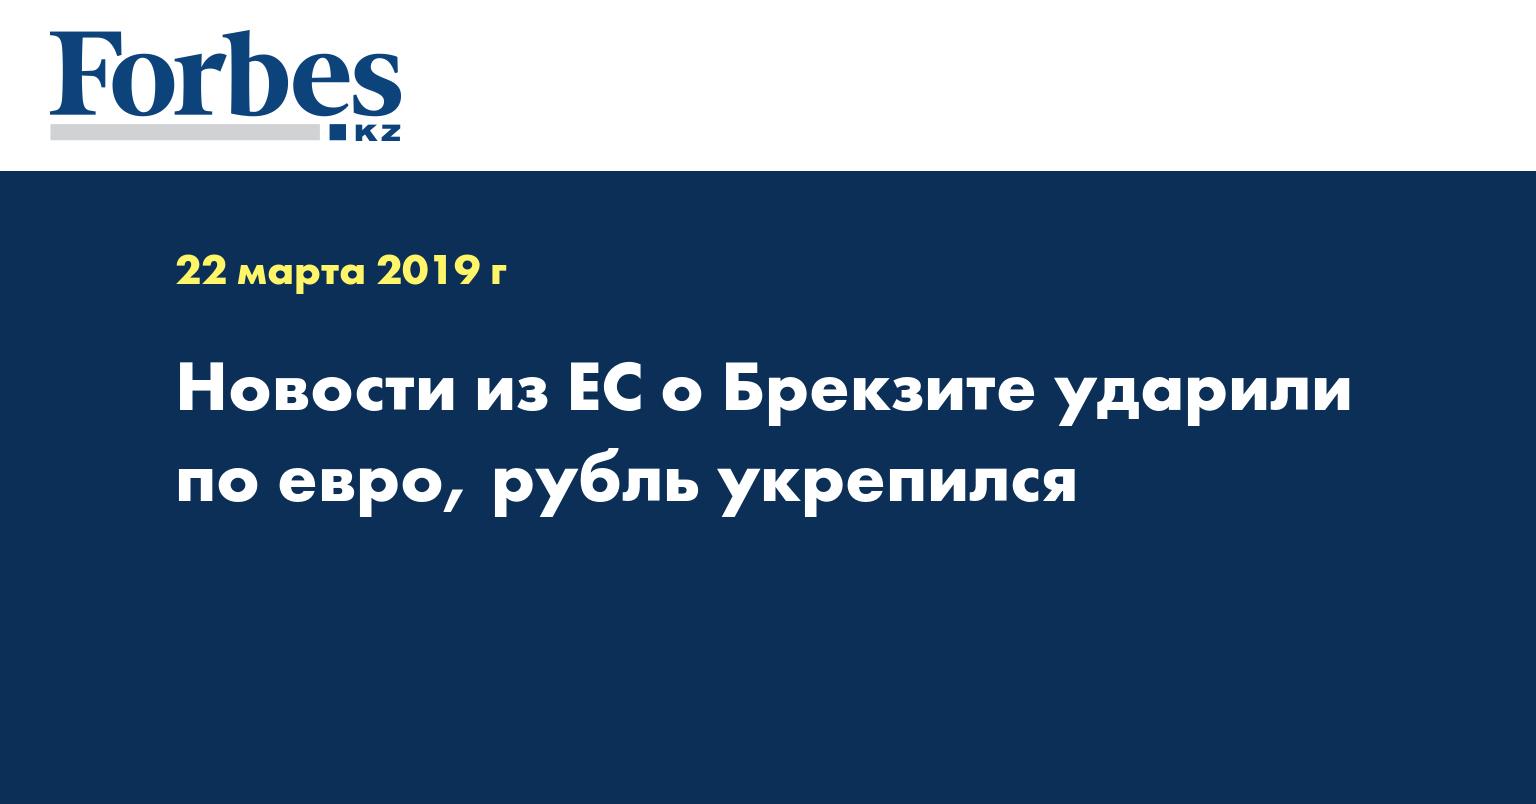 Новости из ЕС о Брекзите ударили по евро, рубль укрепился